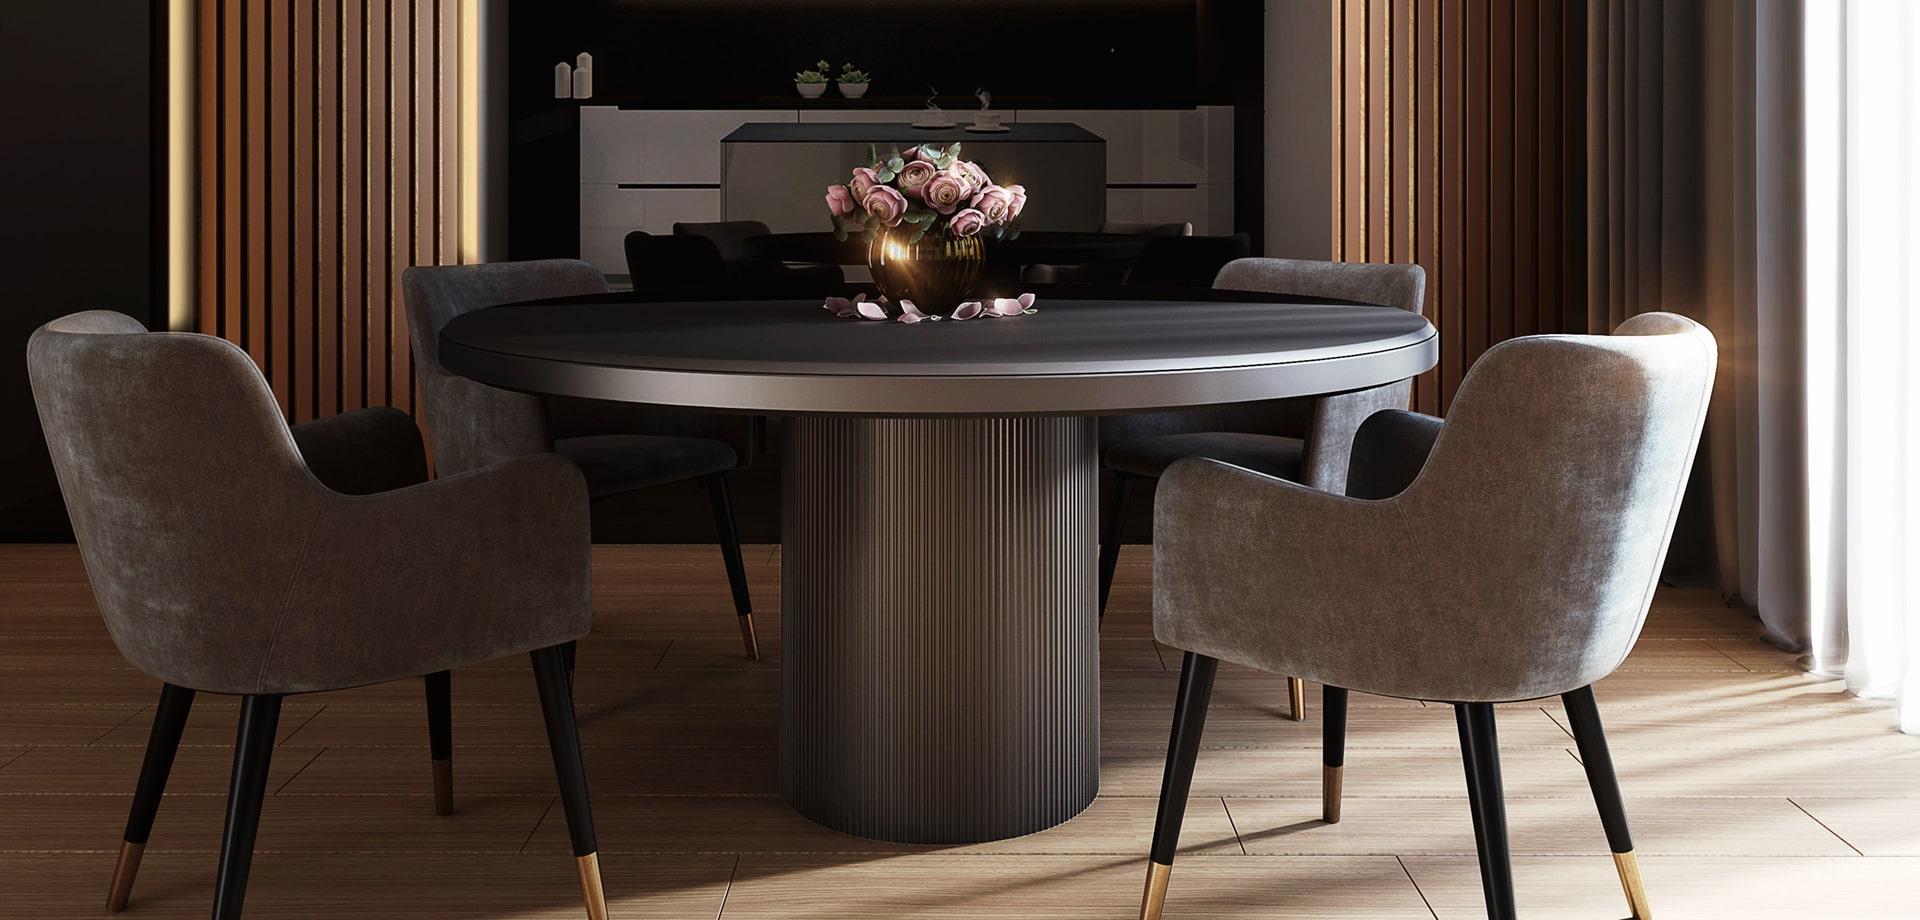 στρογγυλή τραπεζαρία με υφασμάτινες καρέκλες με ξύλινα πόδια